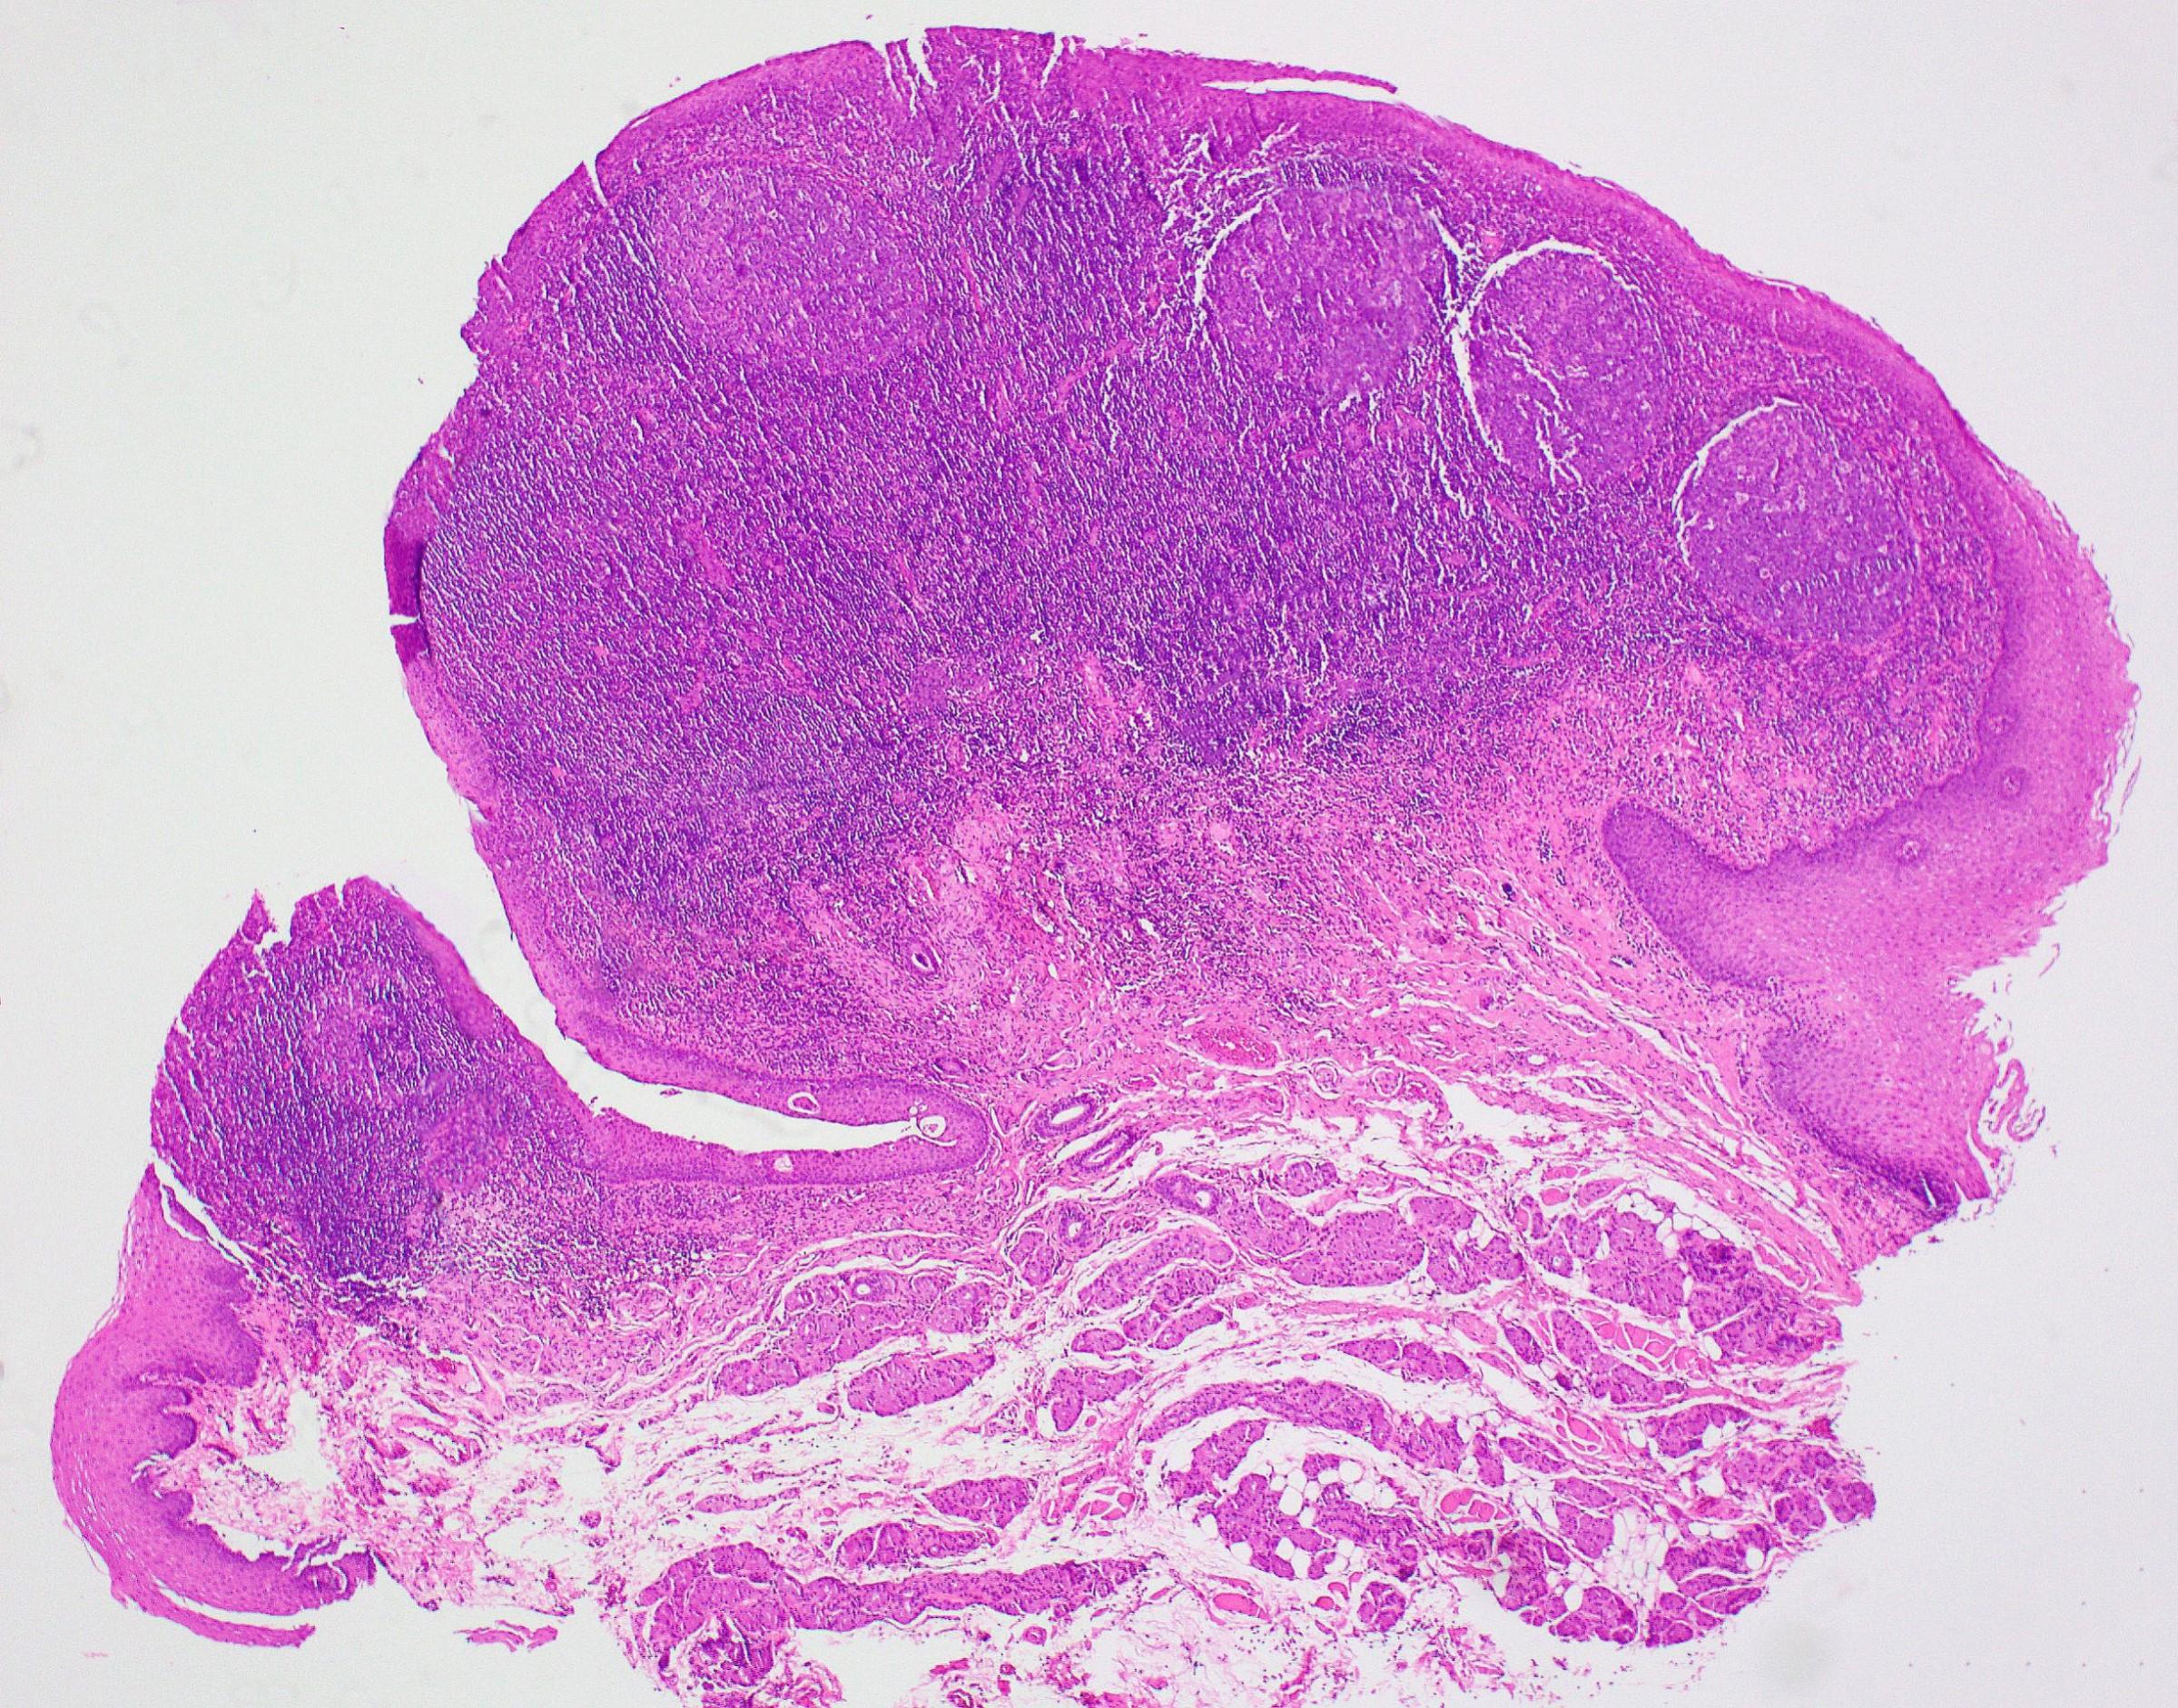 Germinal center formation